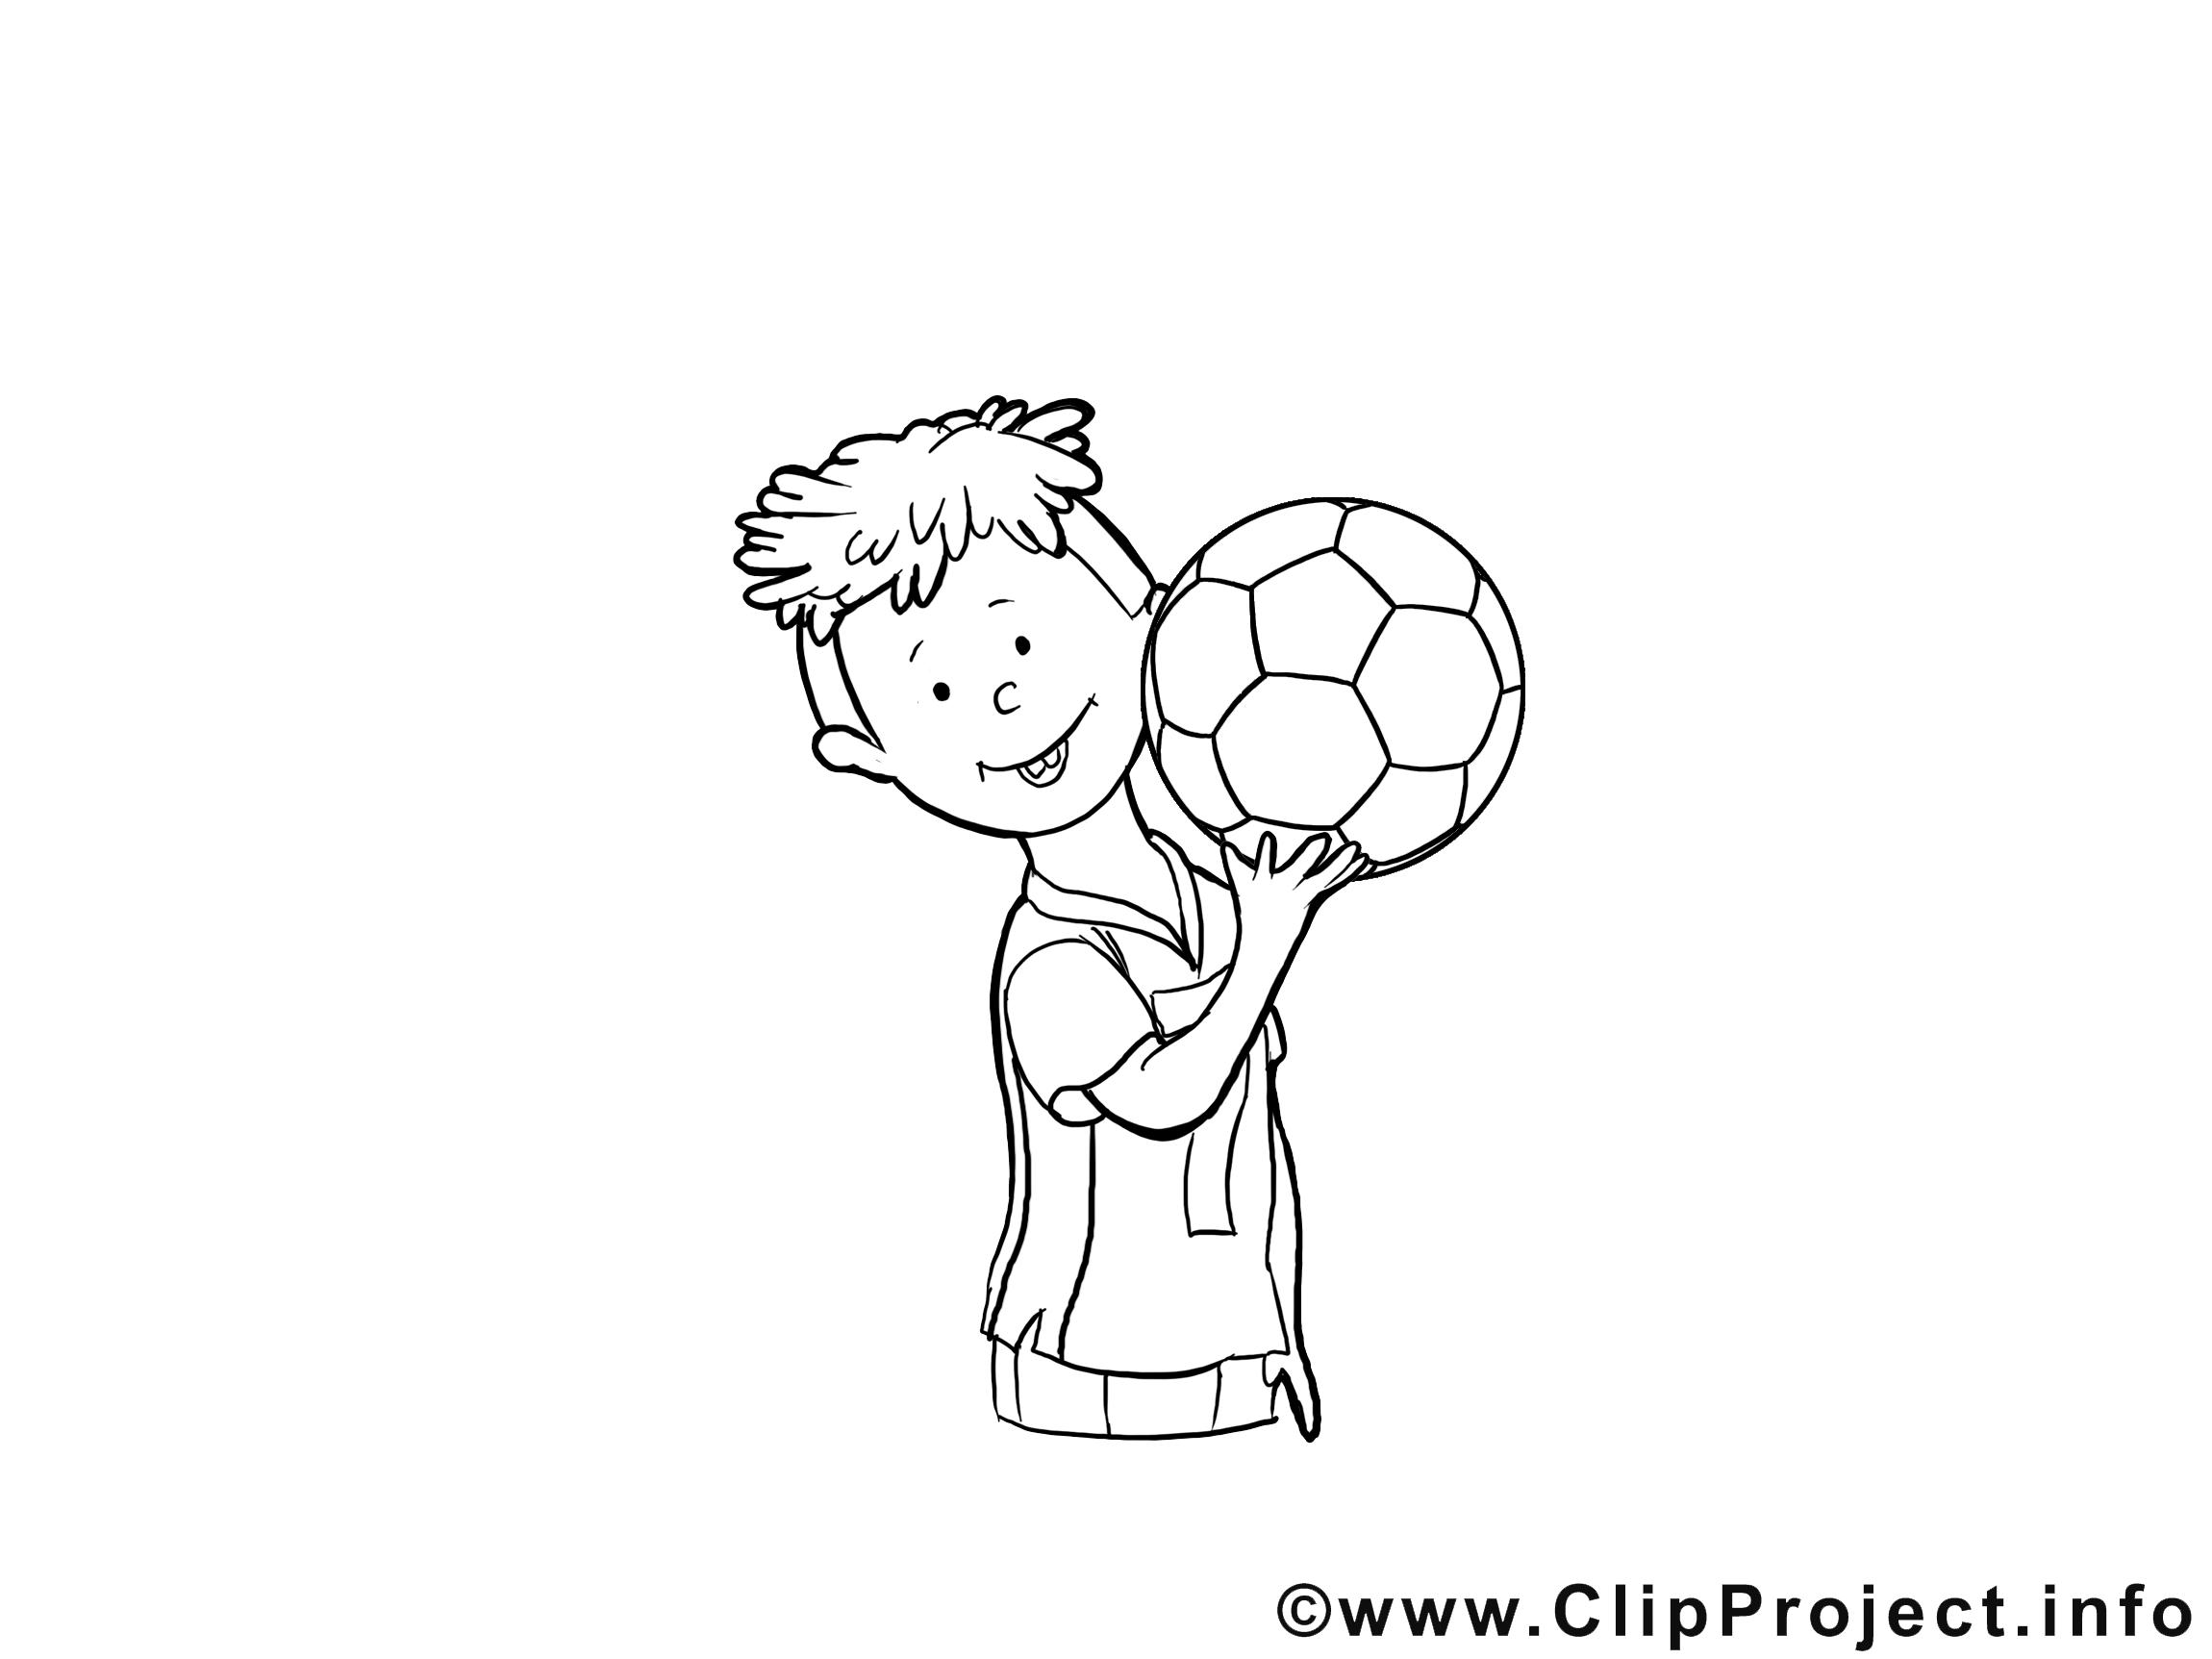 Football clipart gratuit – Maternelle à colorier